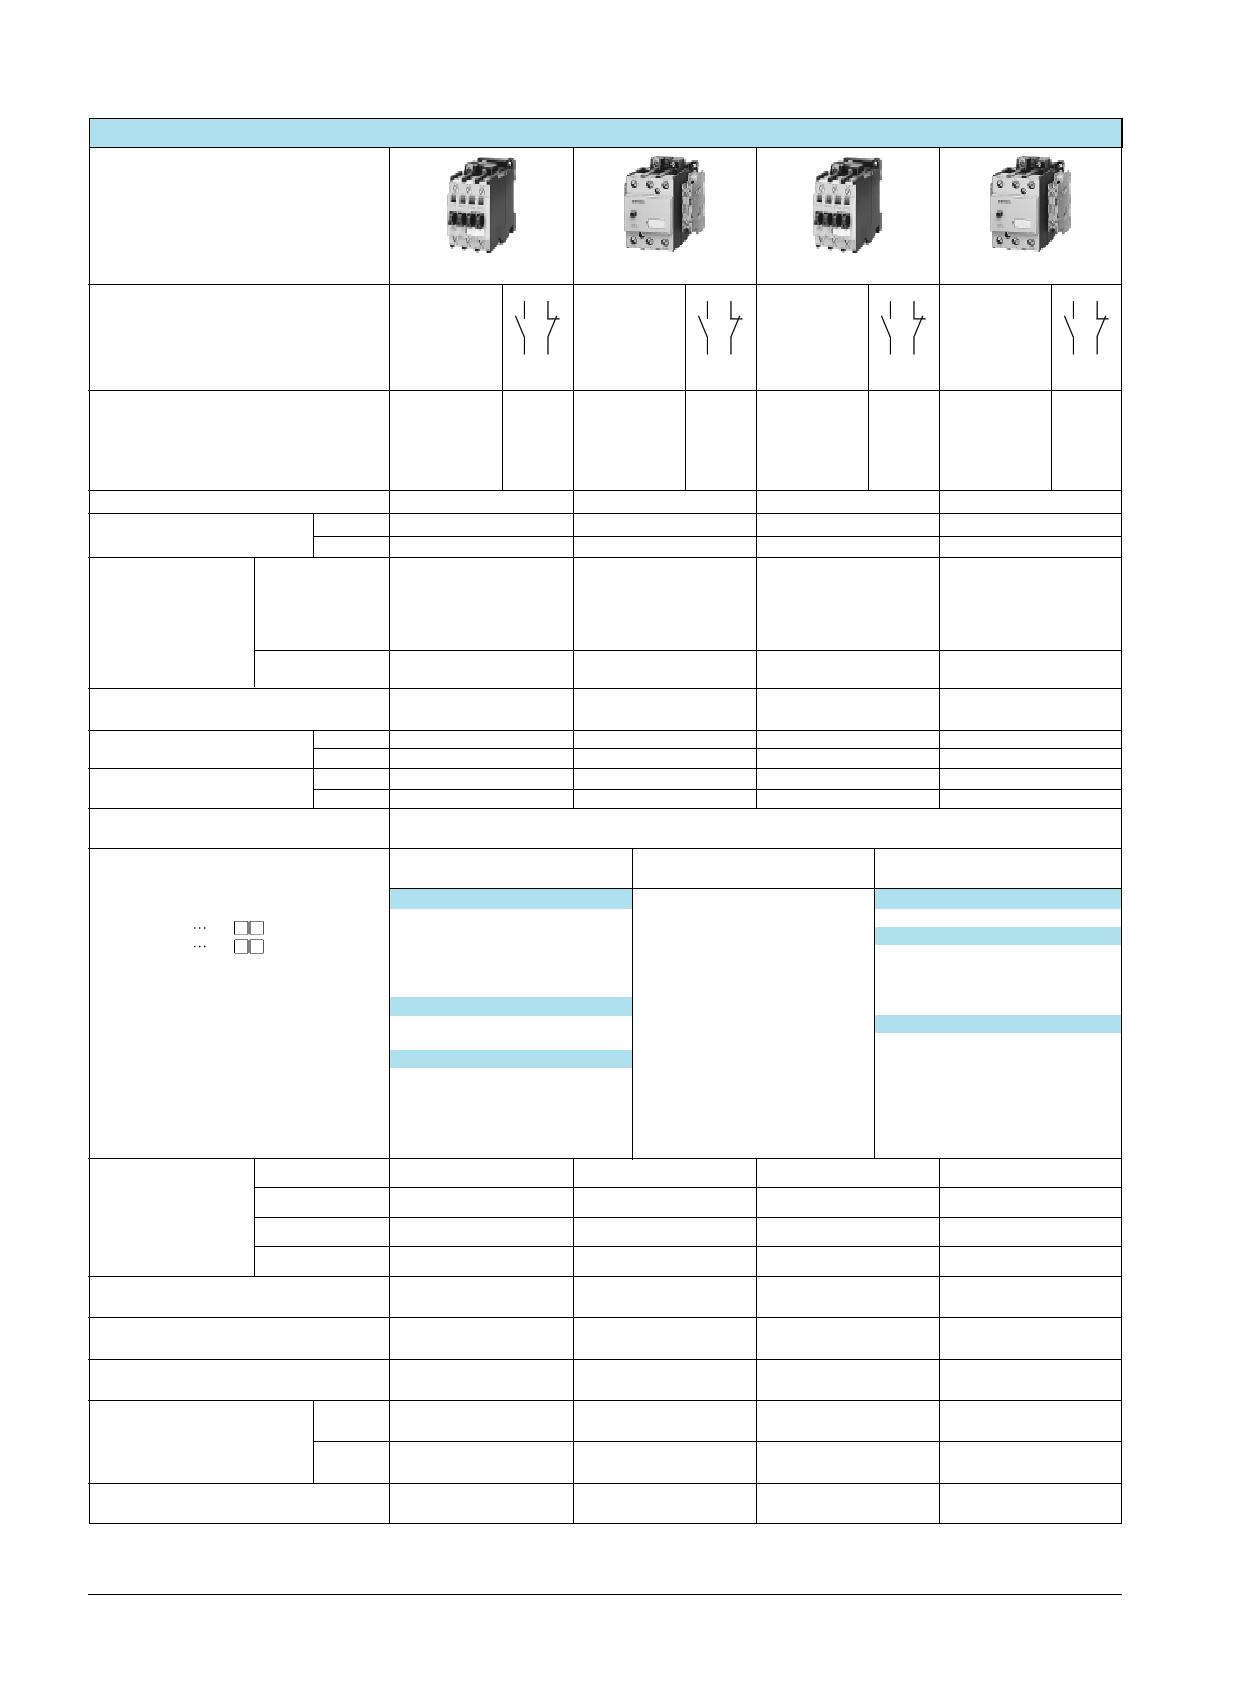 3TF45 pdf, ピン配列